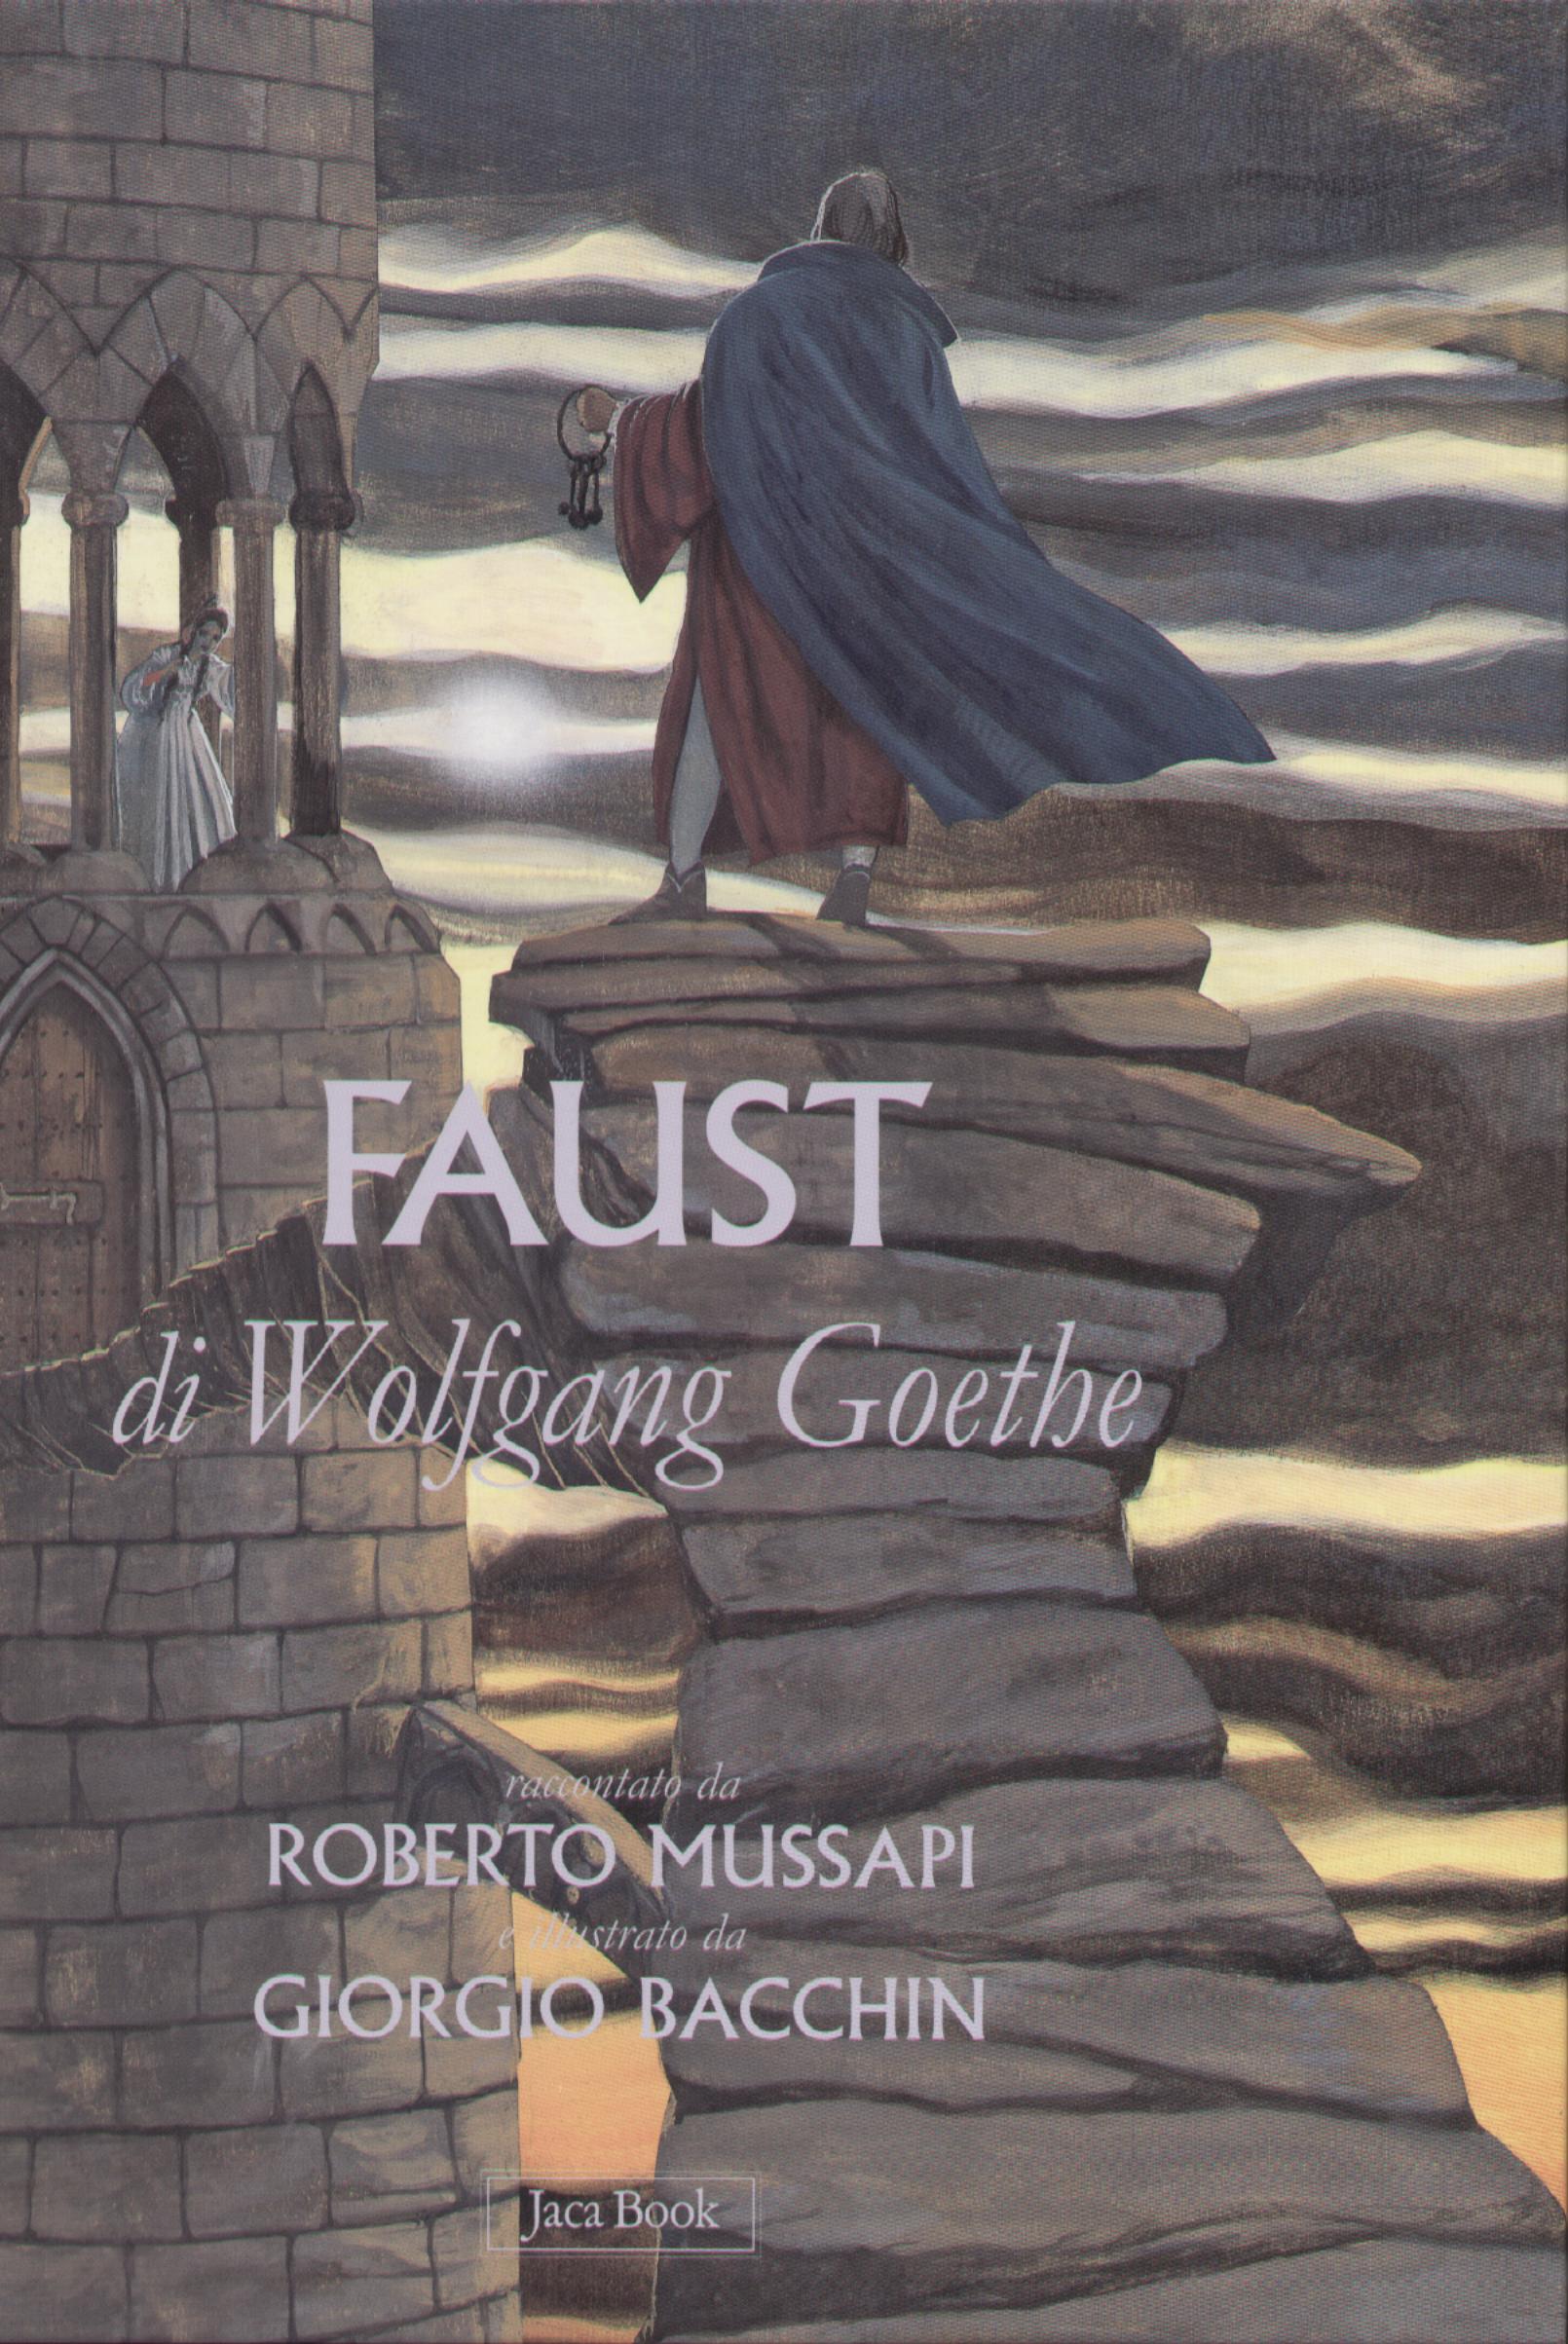 Faust di Wolfgang Goethe